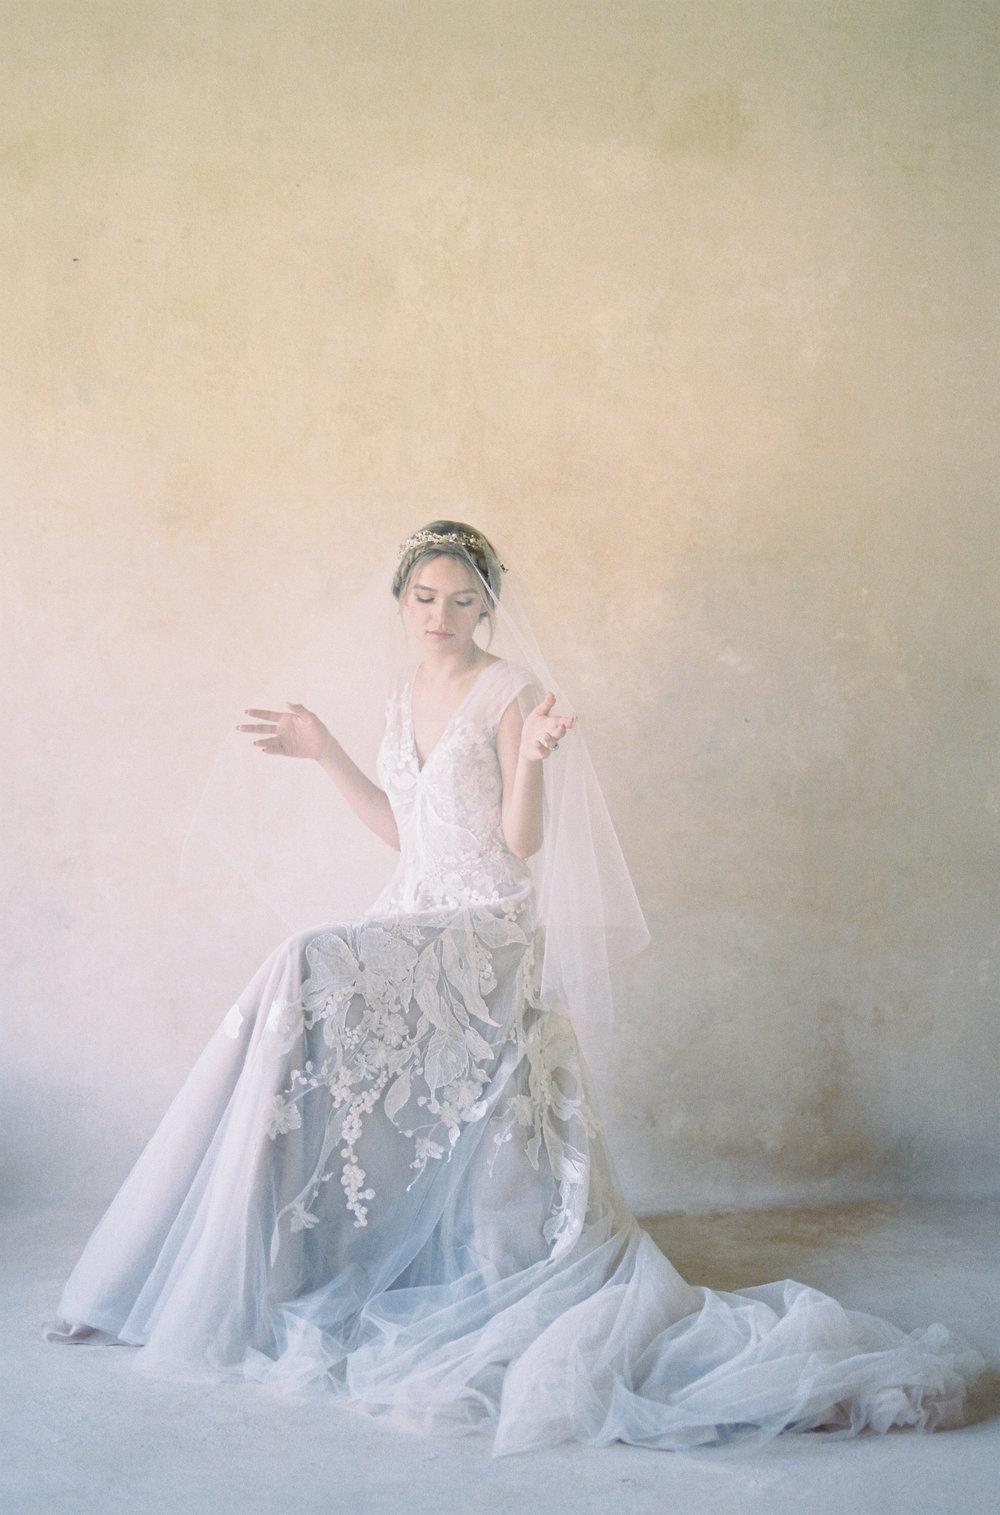 Bridal-Hollywood-29-Jen_Huang-032493-R1-027.jpg